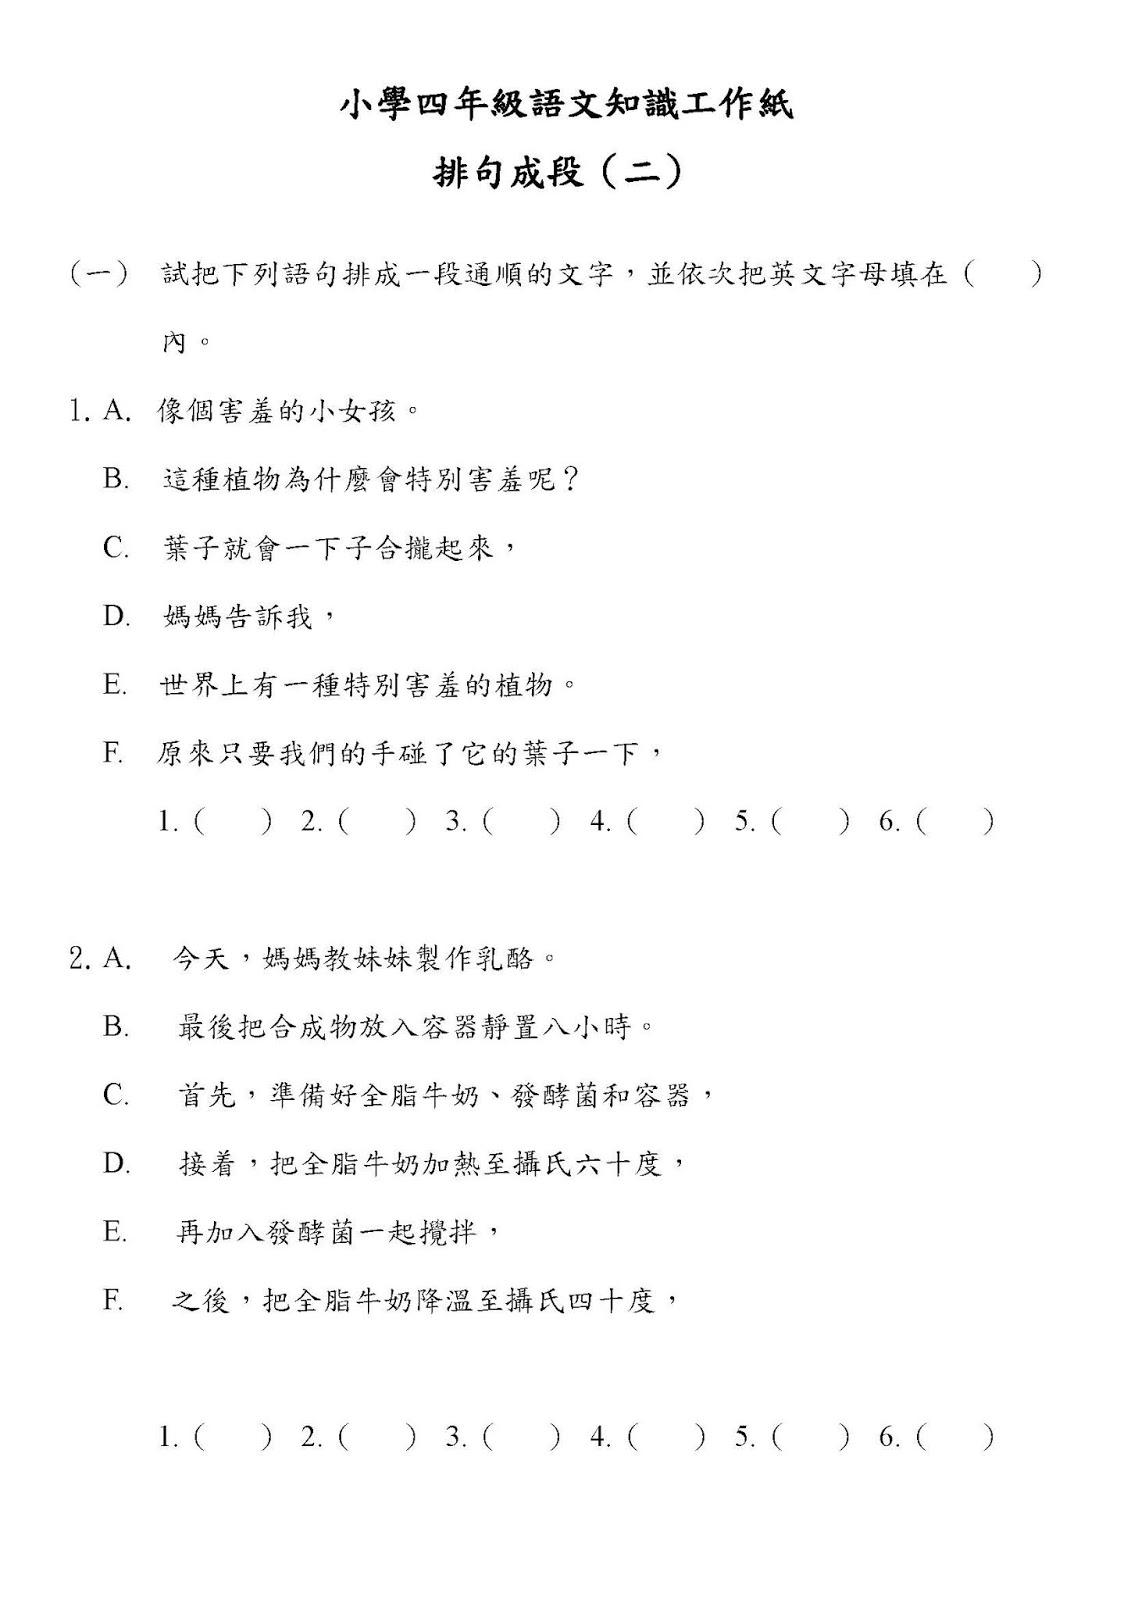 小四語文知識工作紙:排句成段(二)|中文工作紙|尤莉姐姐的反轉學堂